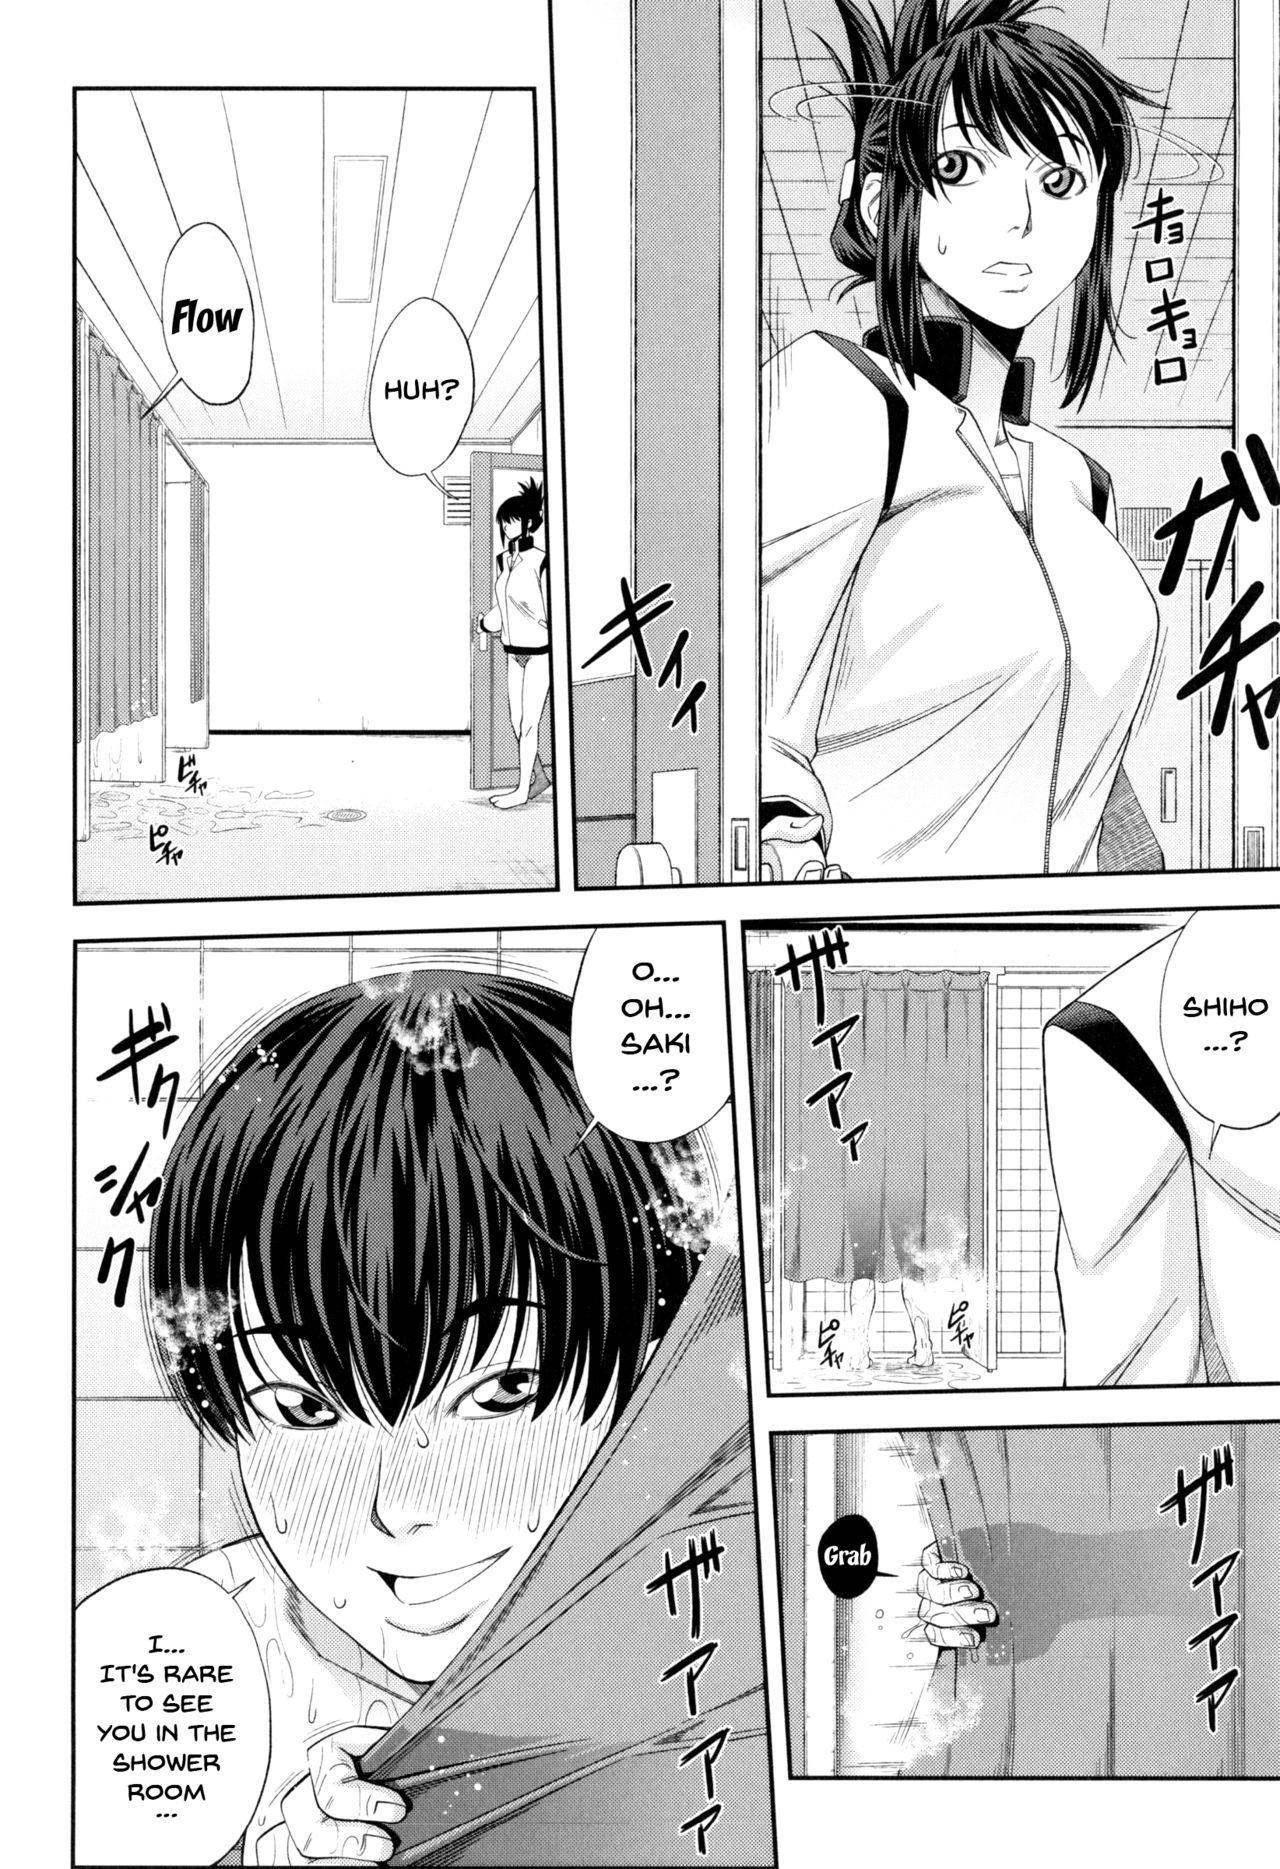 Watashi ga Toriko ni Natte Yaru | I Became A Sex Slave 28